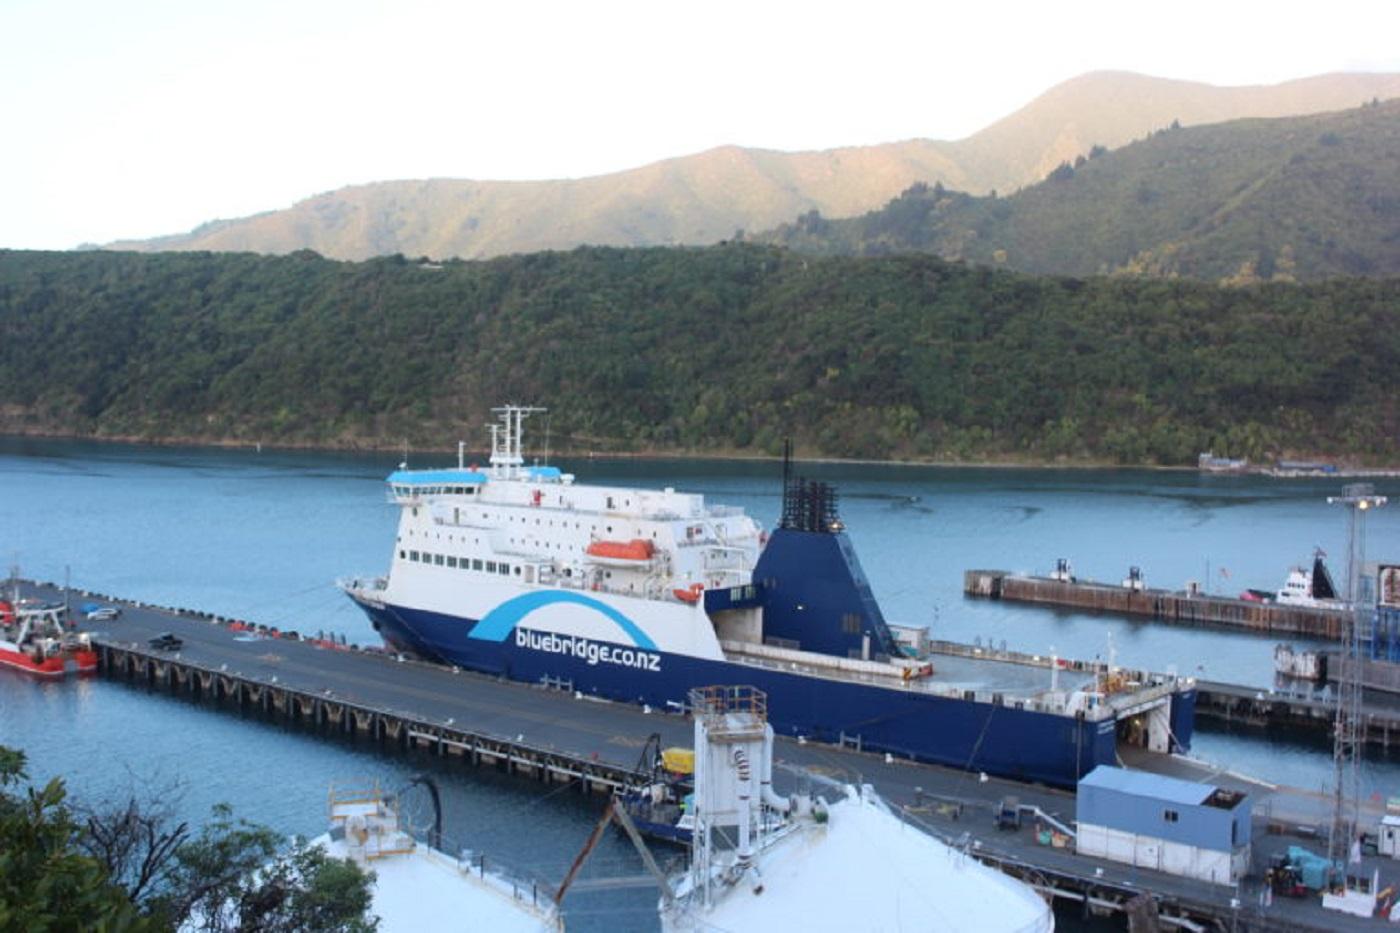 Ferry que liga Ilha norte com a Ilha Sula (Foto: Tati Sisti)